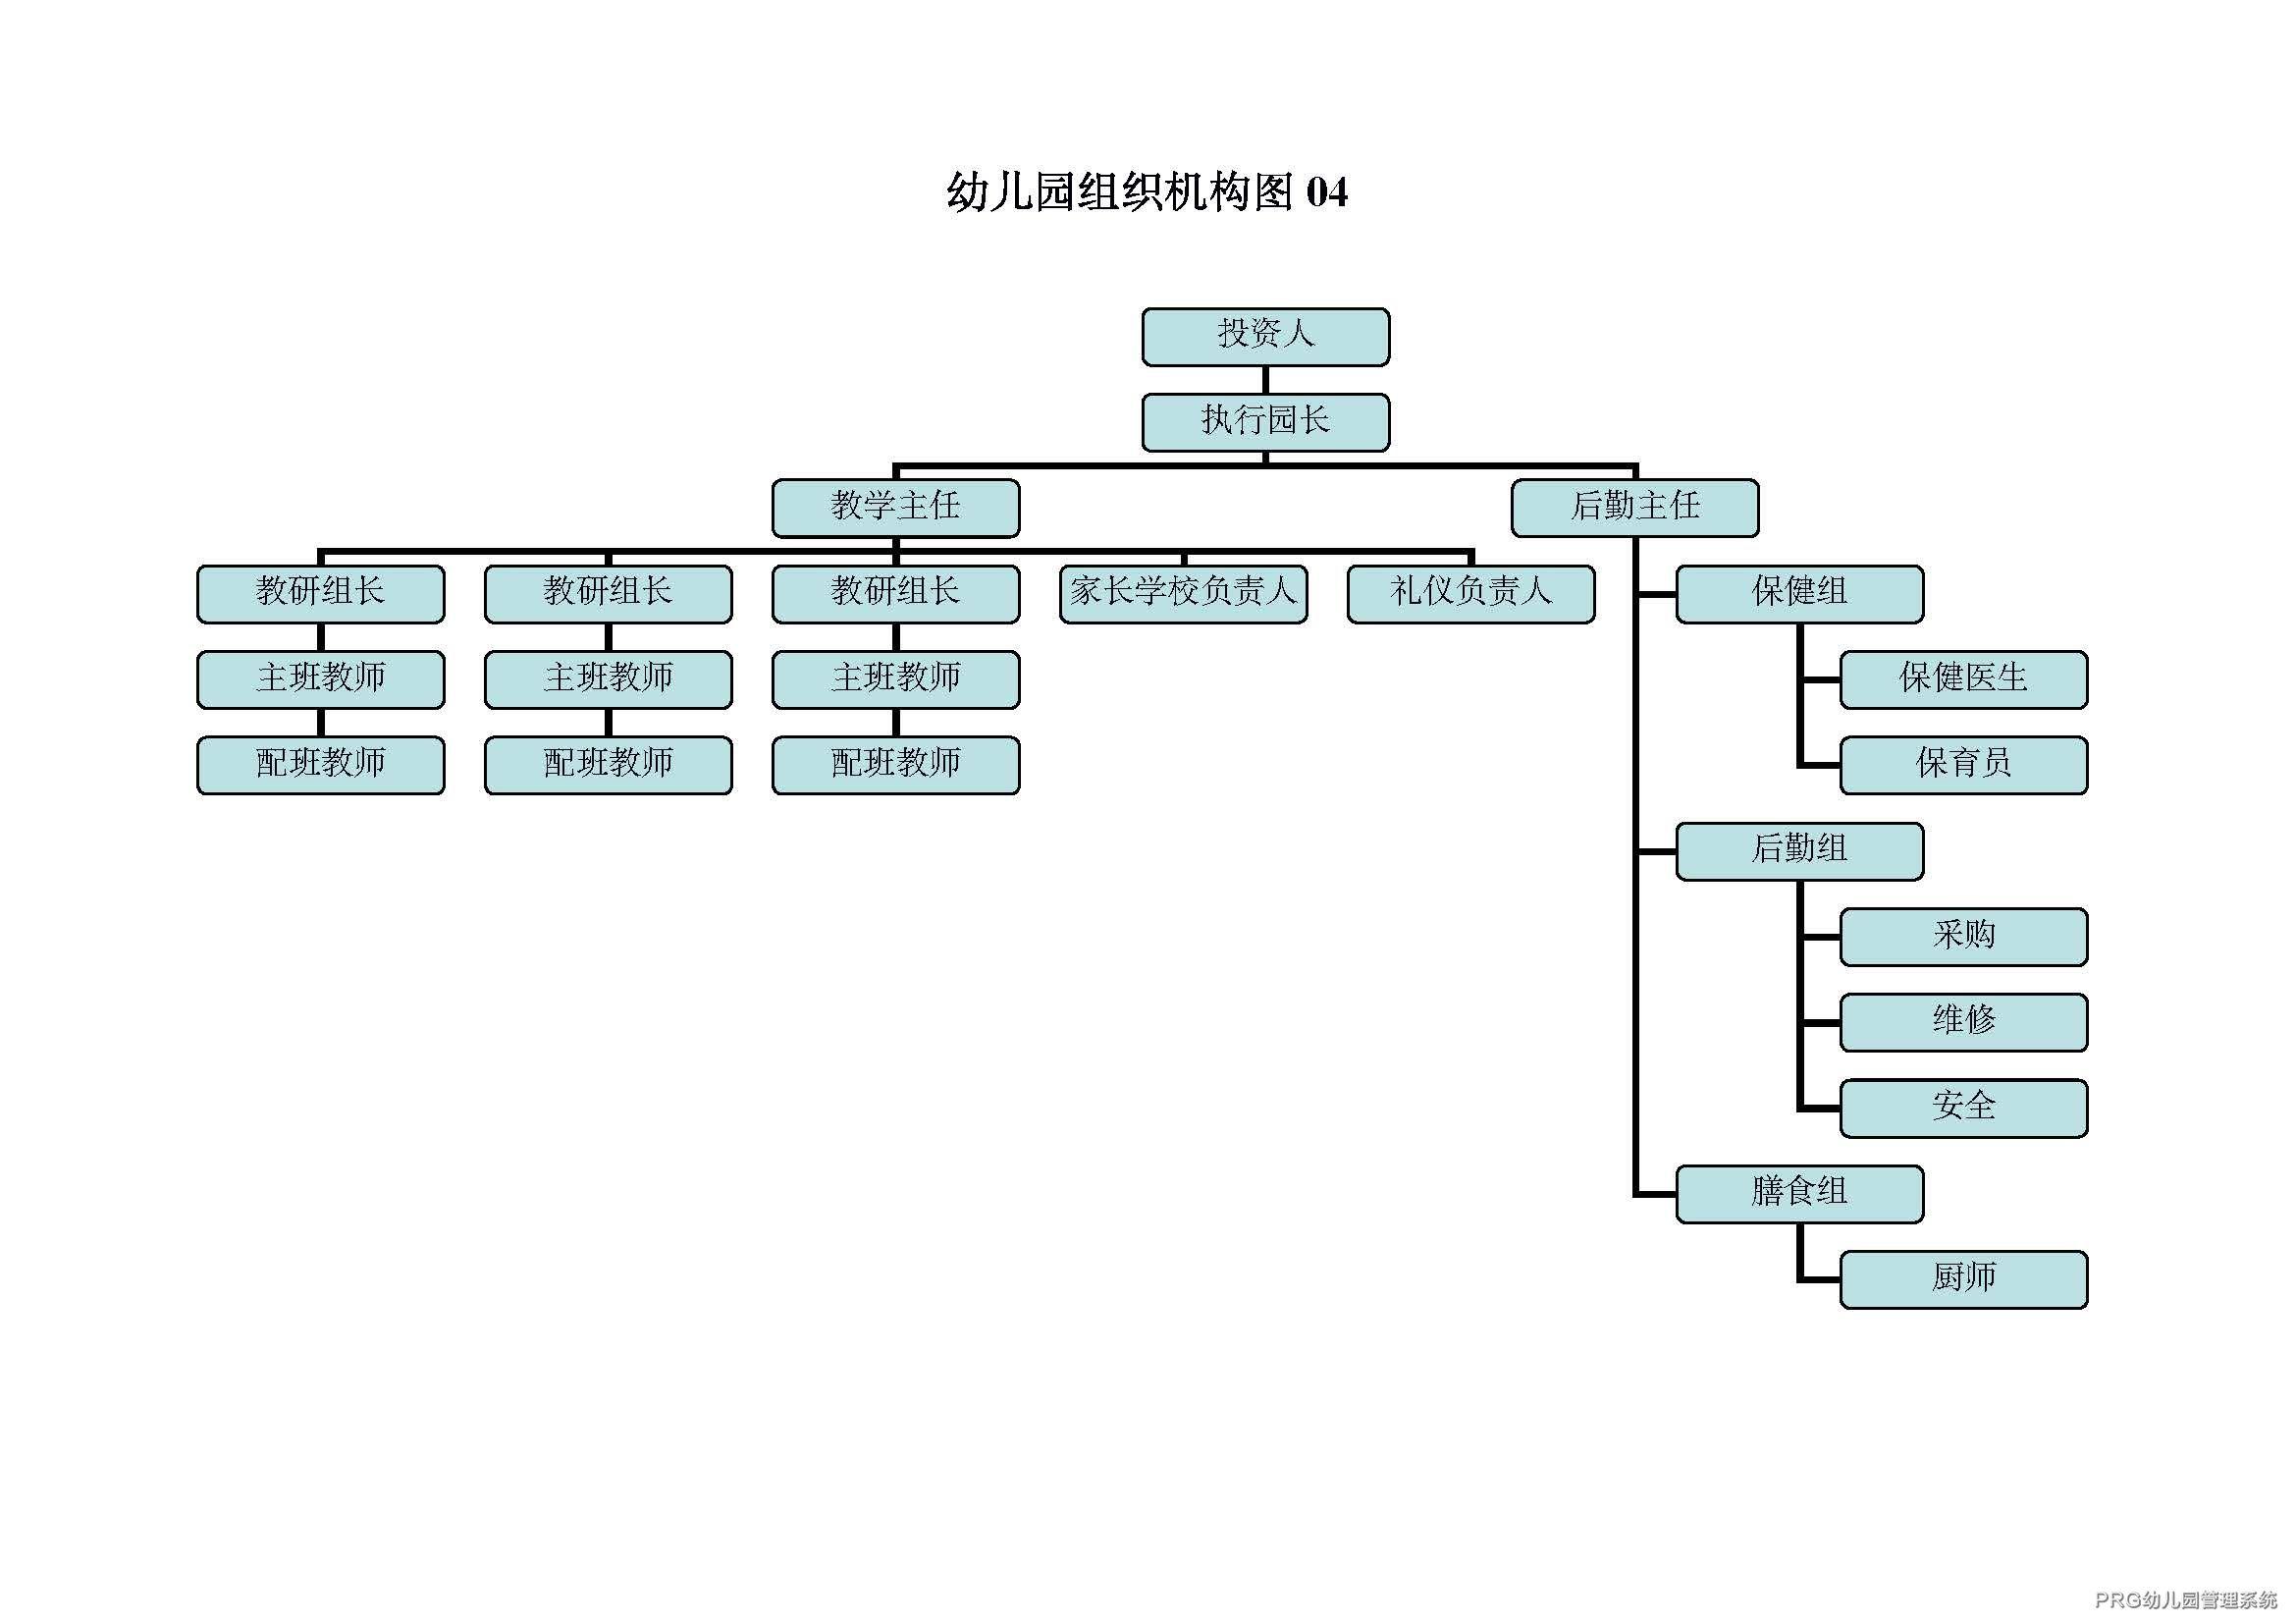 幼儿园管理组织架构图4